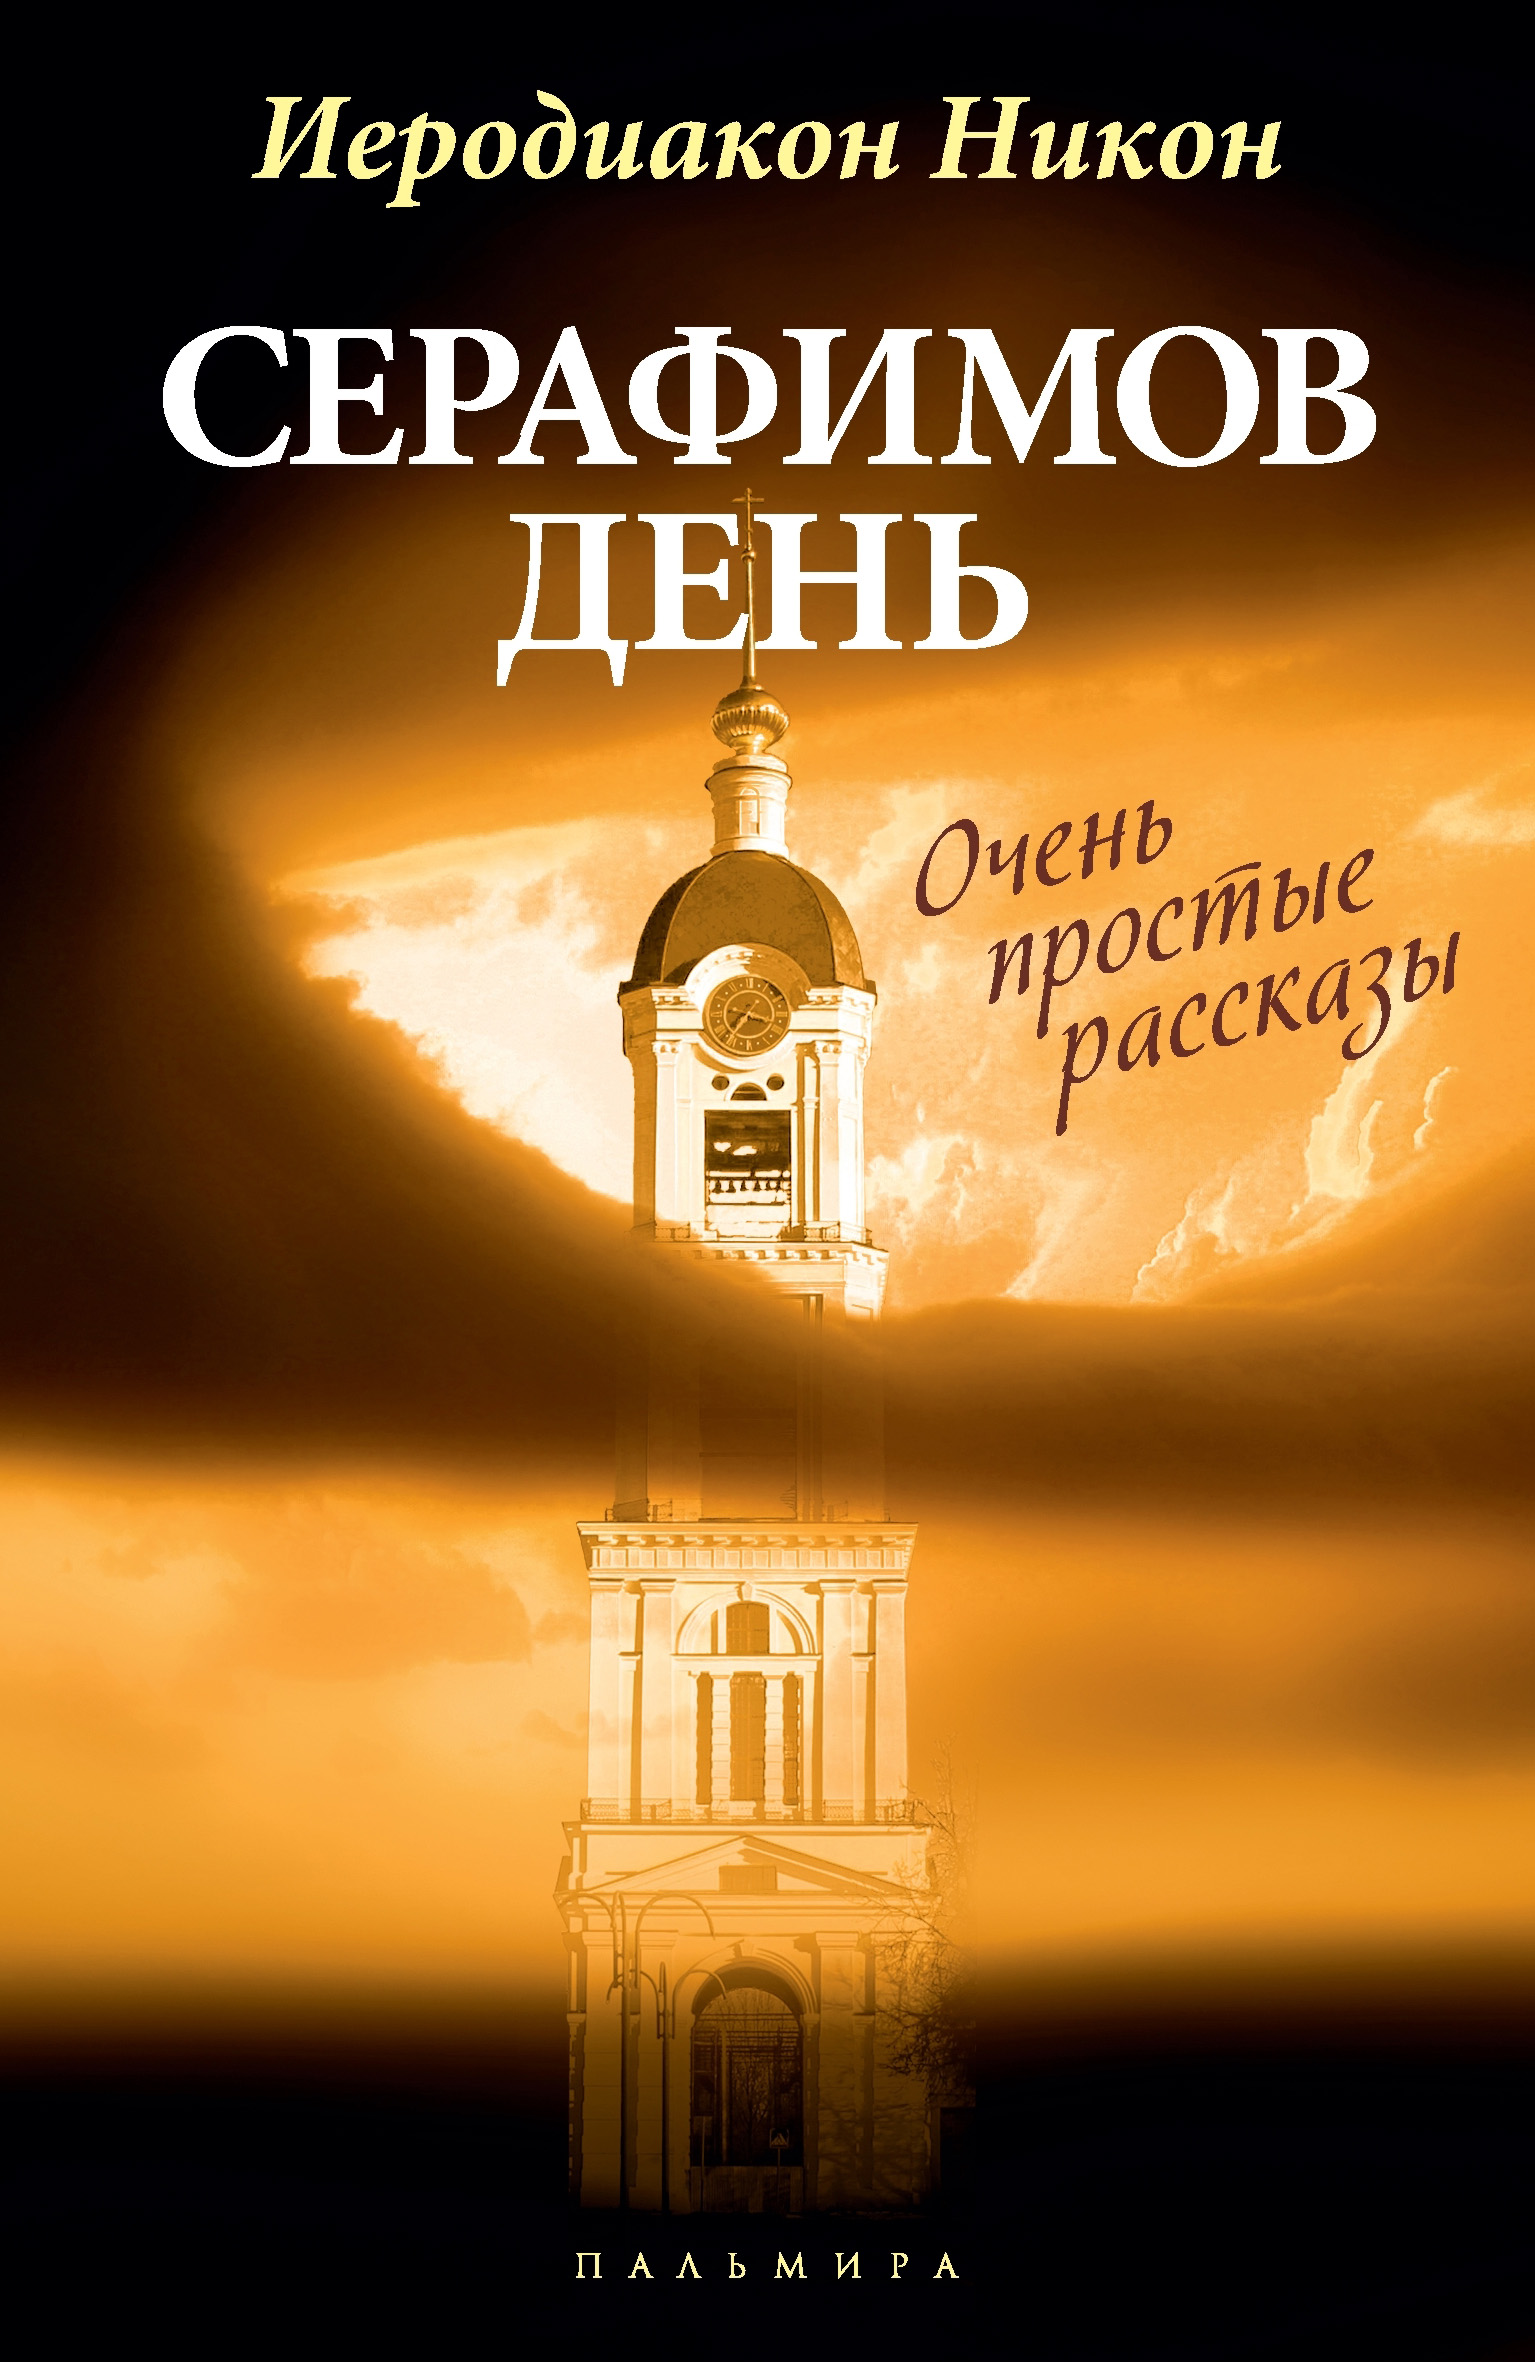 все цены на иеродиакон Никон (Муртазов) Серафимов день (сборник)